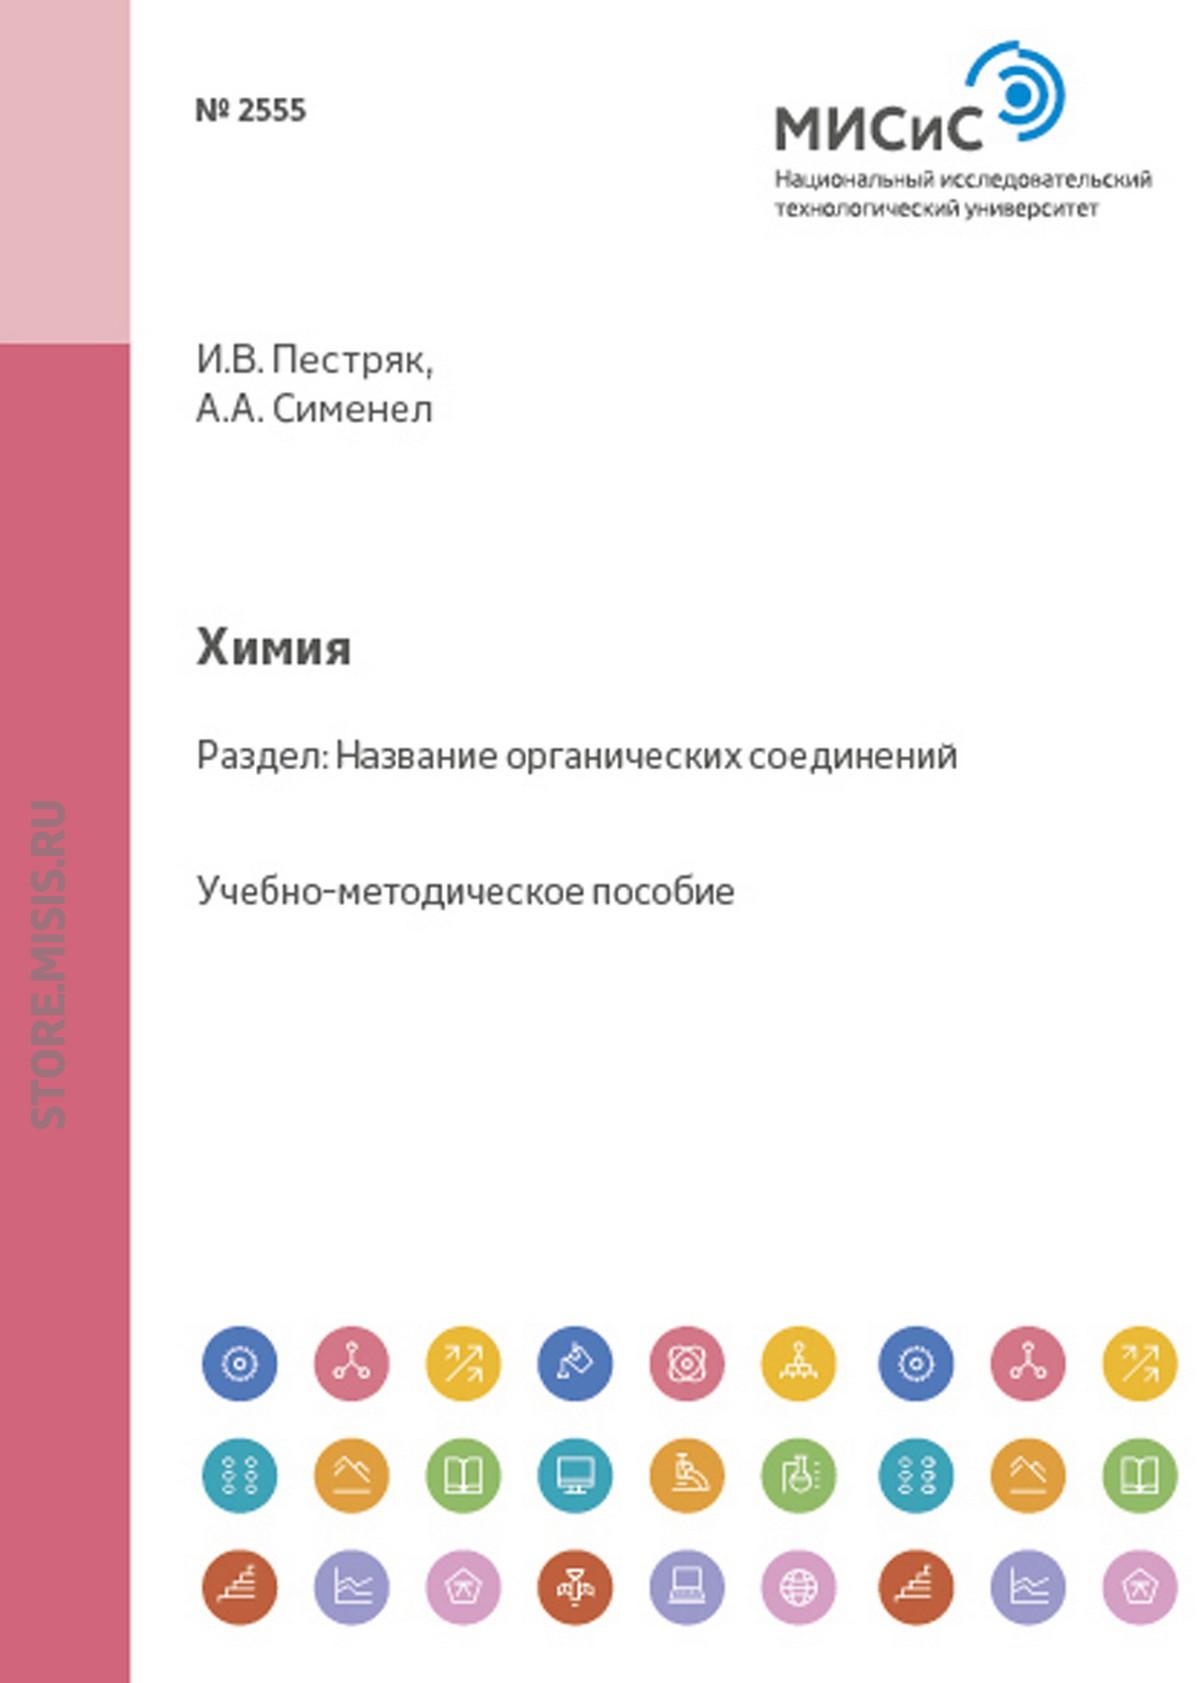 А. А. Сименел Химия. Название органических соединений в ф лугинин описание различных методов определения теплот горения органических соединений